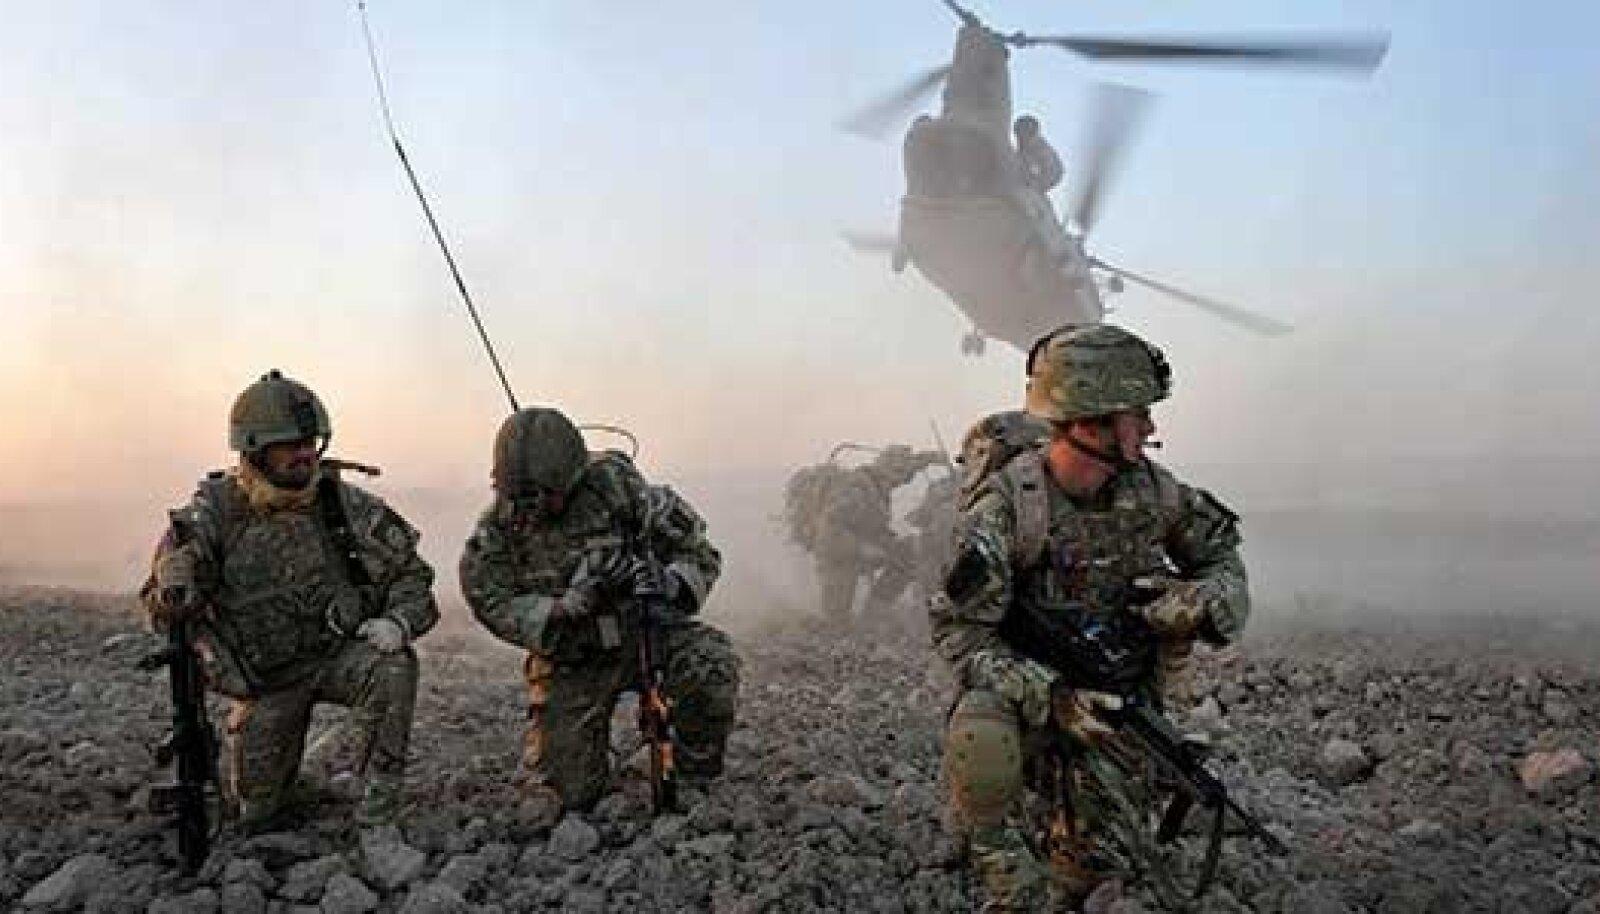 Keset möllu: Rahvusvaheliste julgeolekujõu dude (ISAF) sõdurid Afganistanis.